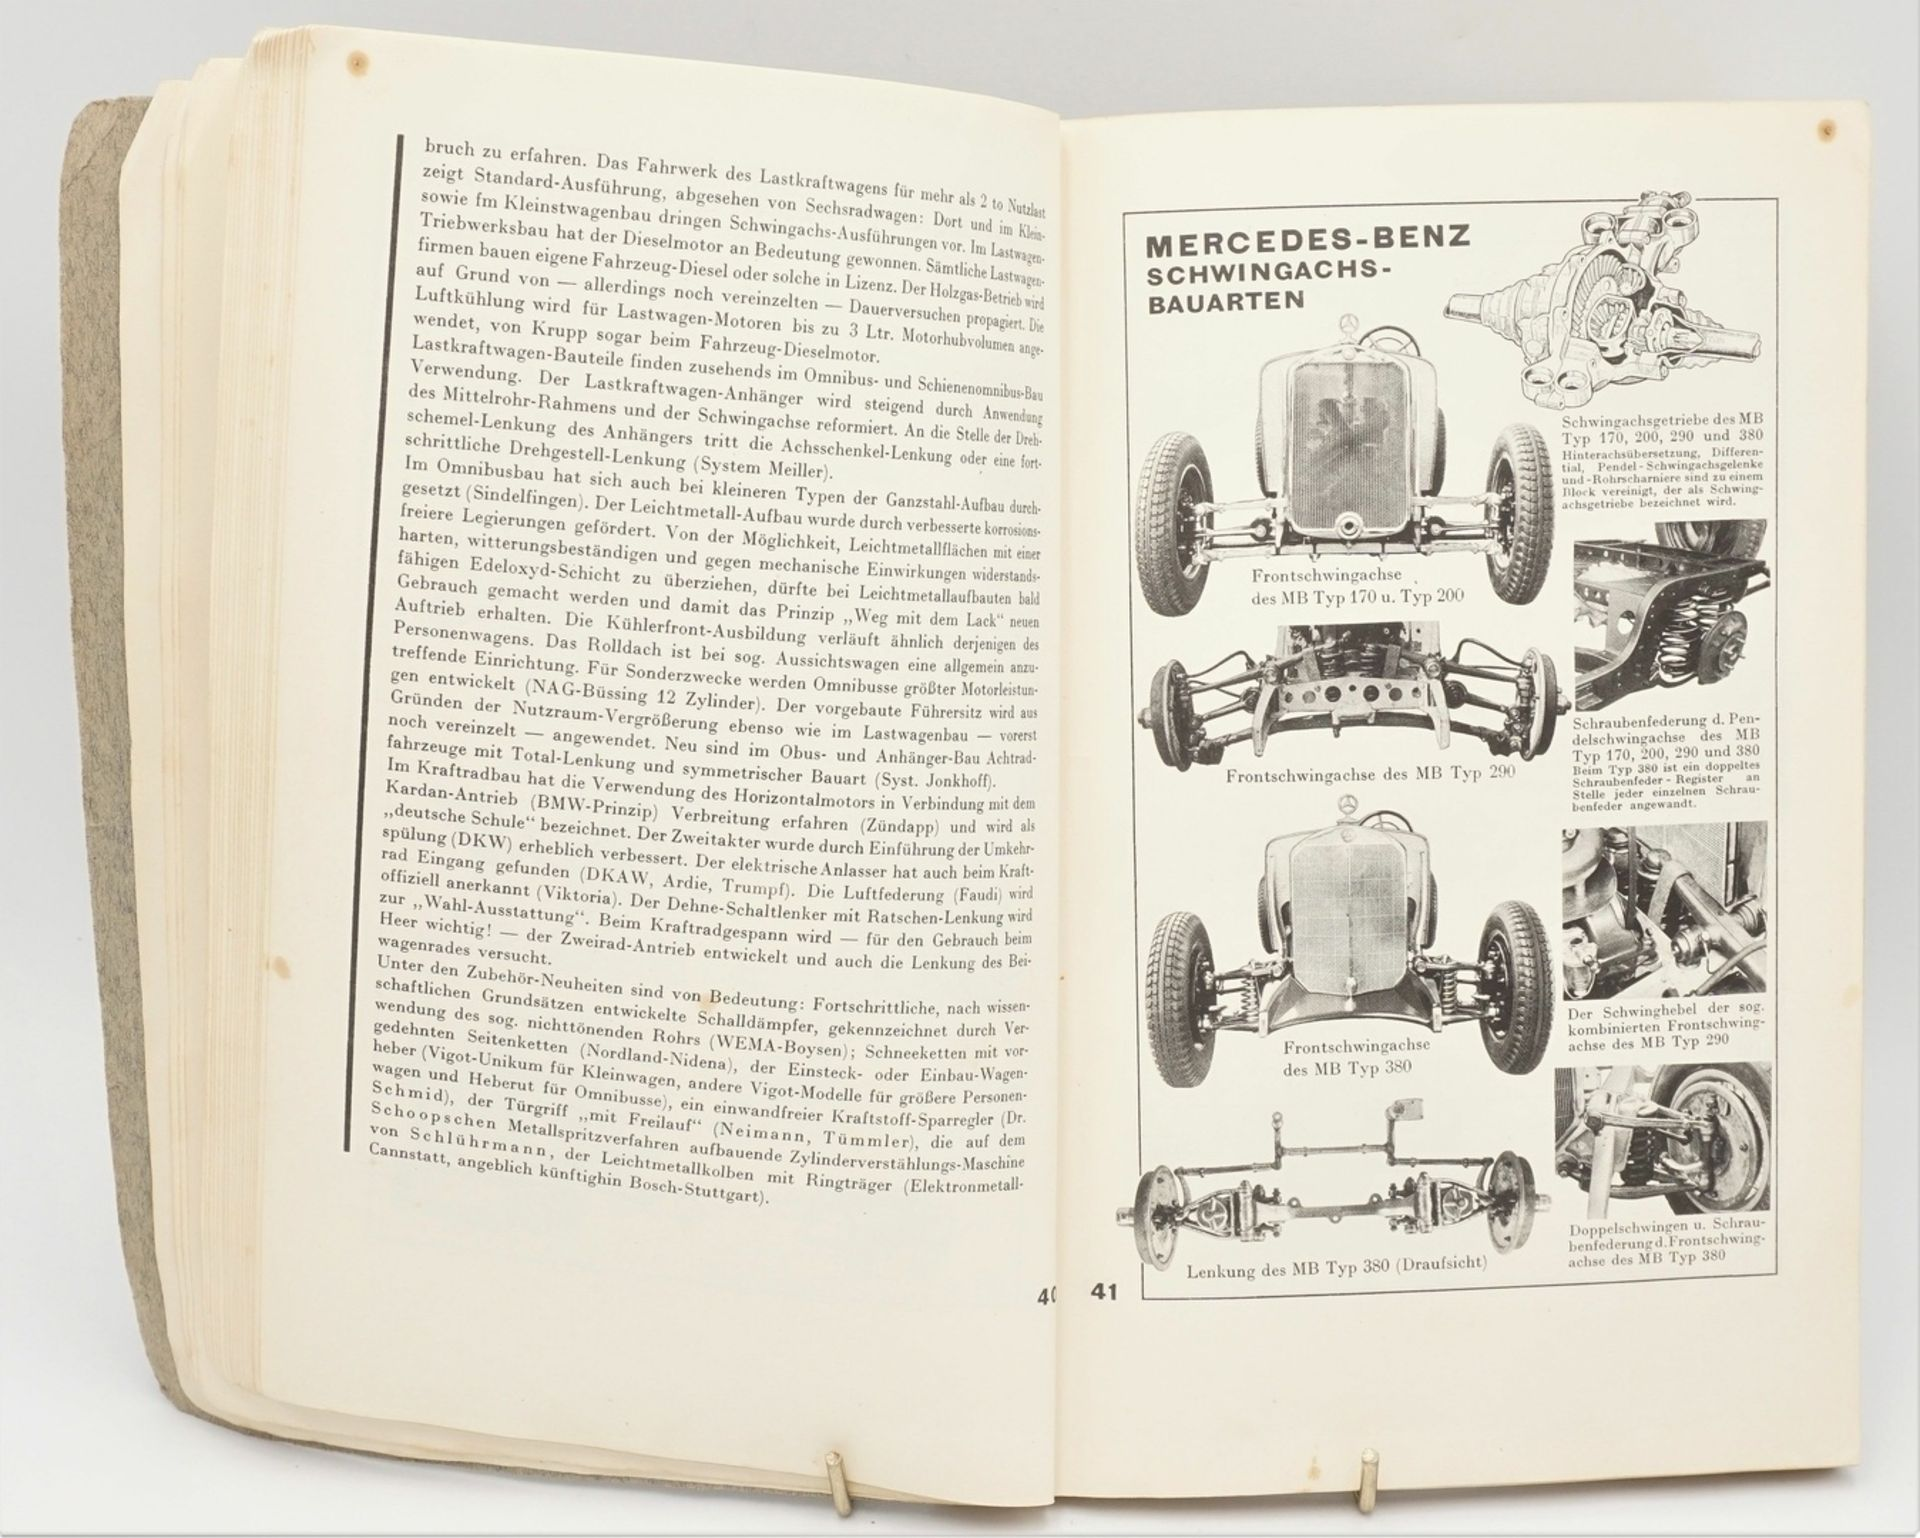 """Allgemeiner Deutscher Automobil-Club e.V. München-Berlin, """"Technisches ADAC-Jahrbuch 1933-34"""" - Bild 4 aus 4"""